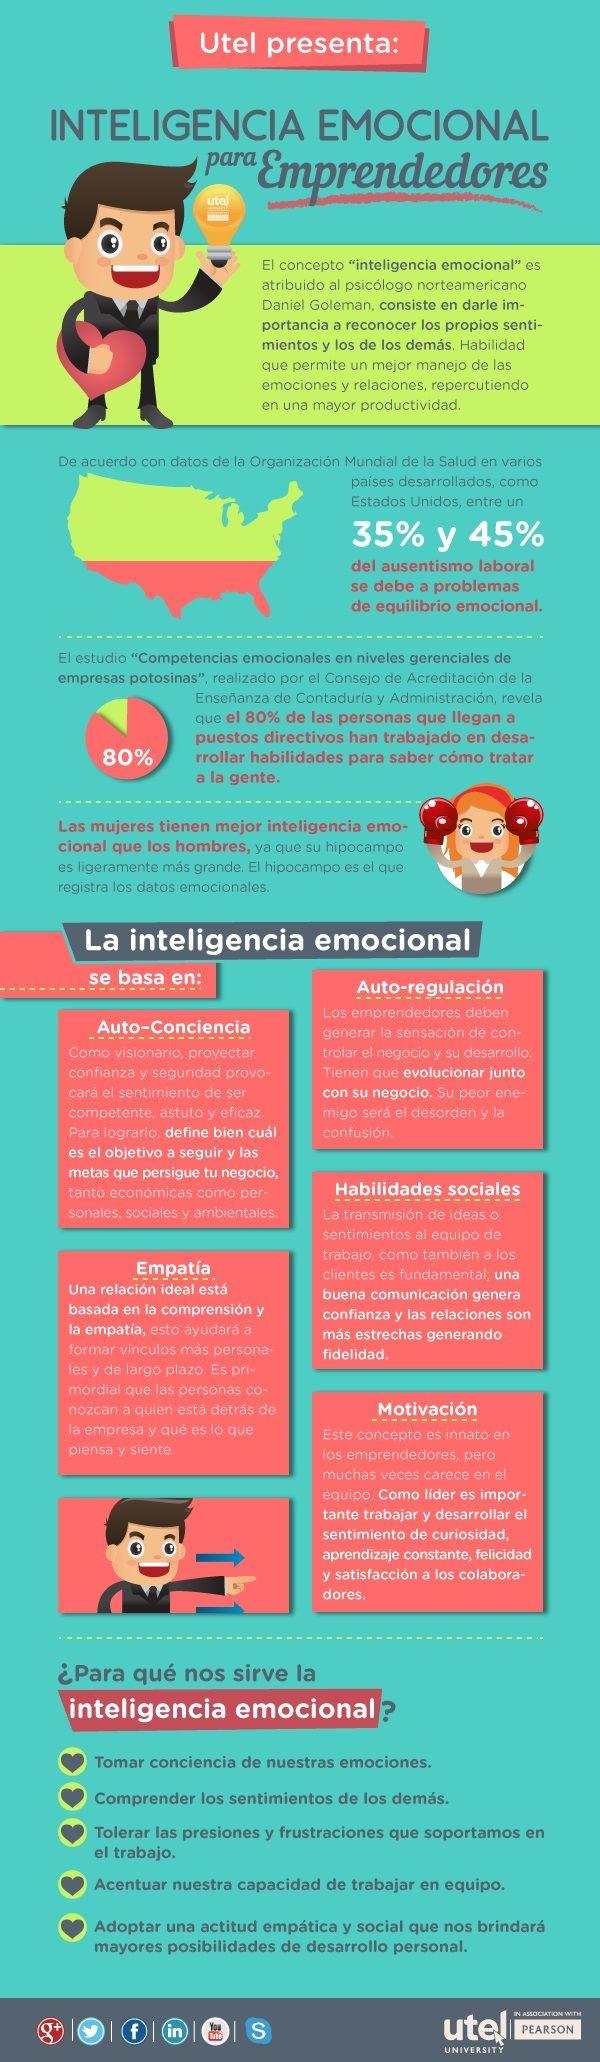 #Emprendedor, utiliza la #InteligenciaEmocional para materializar tus sueños…